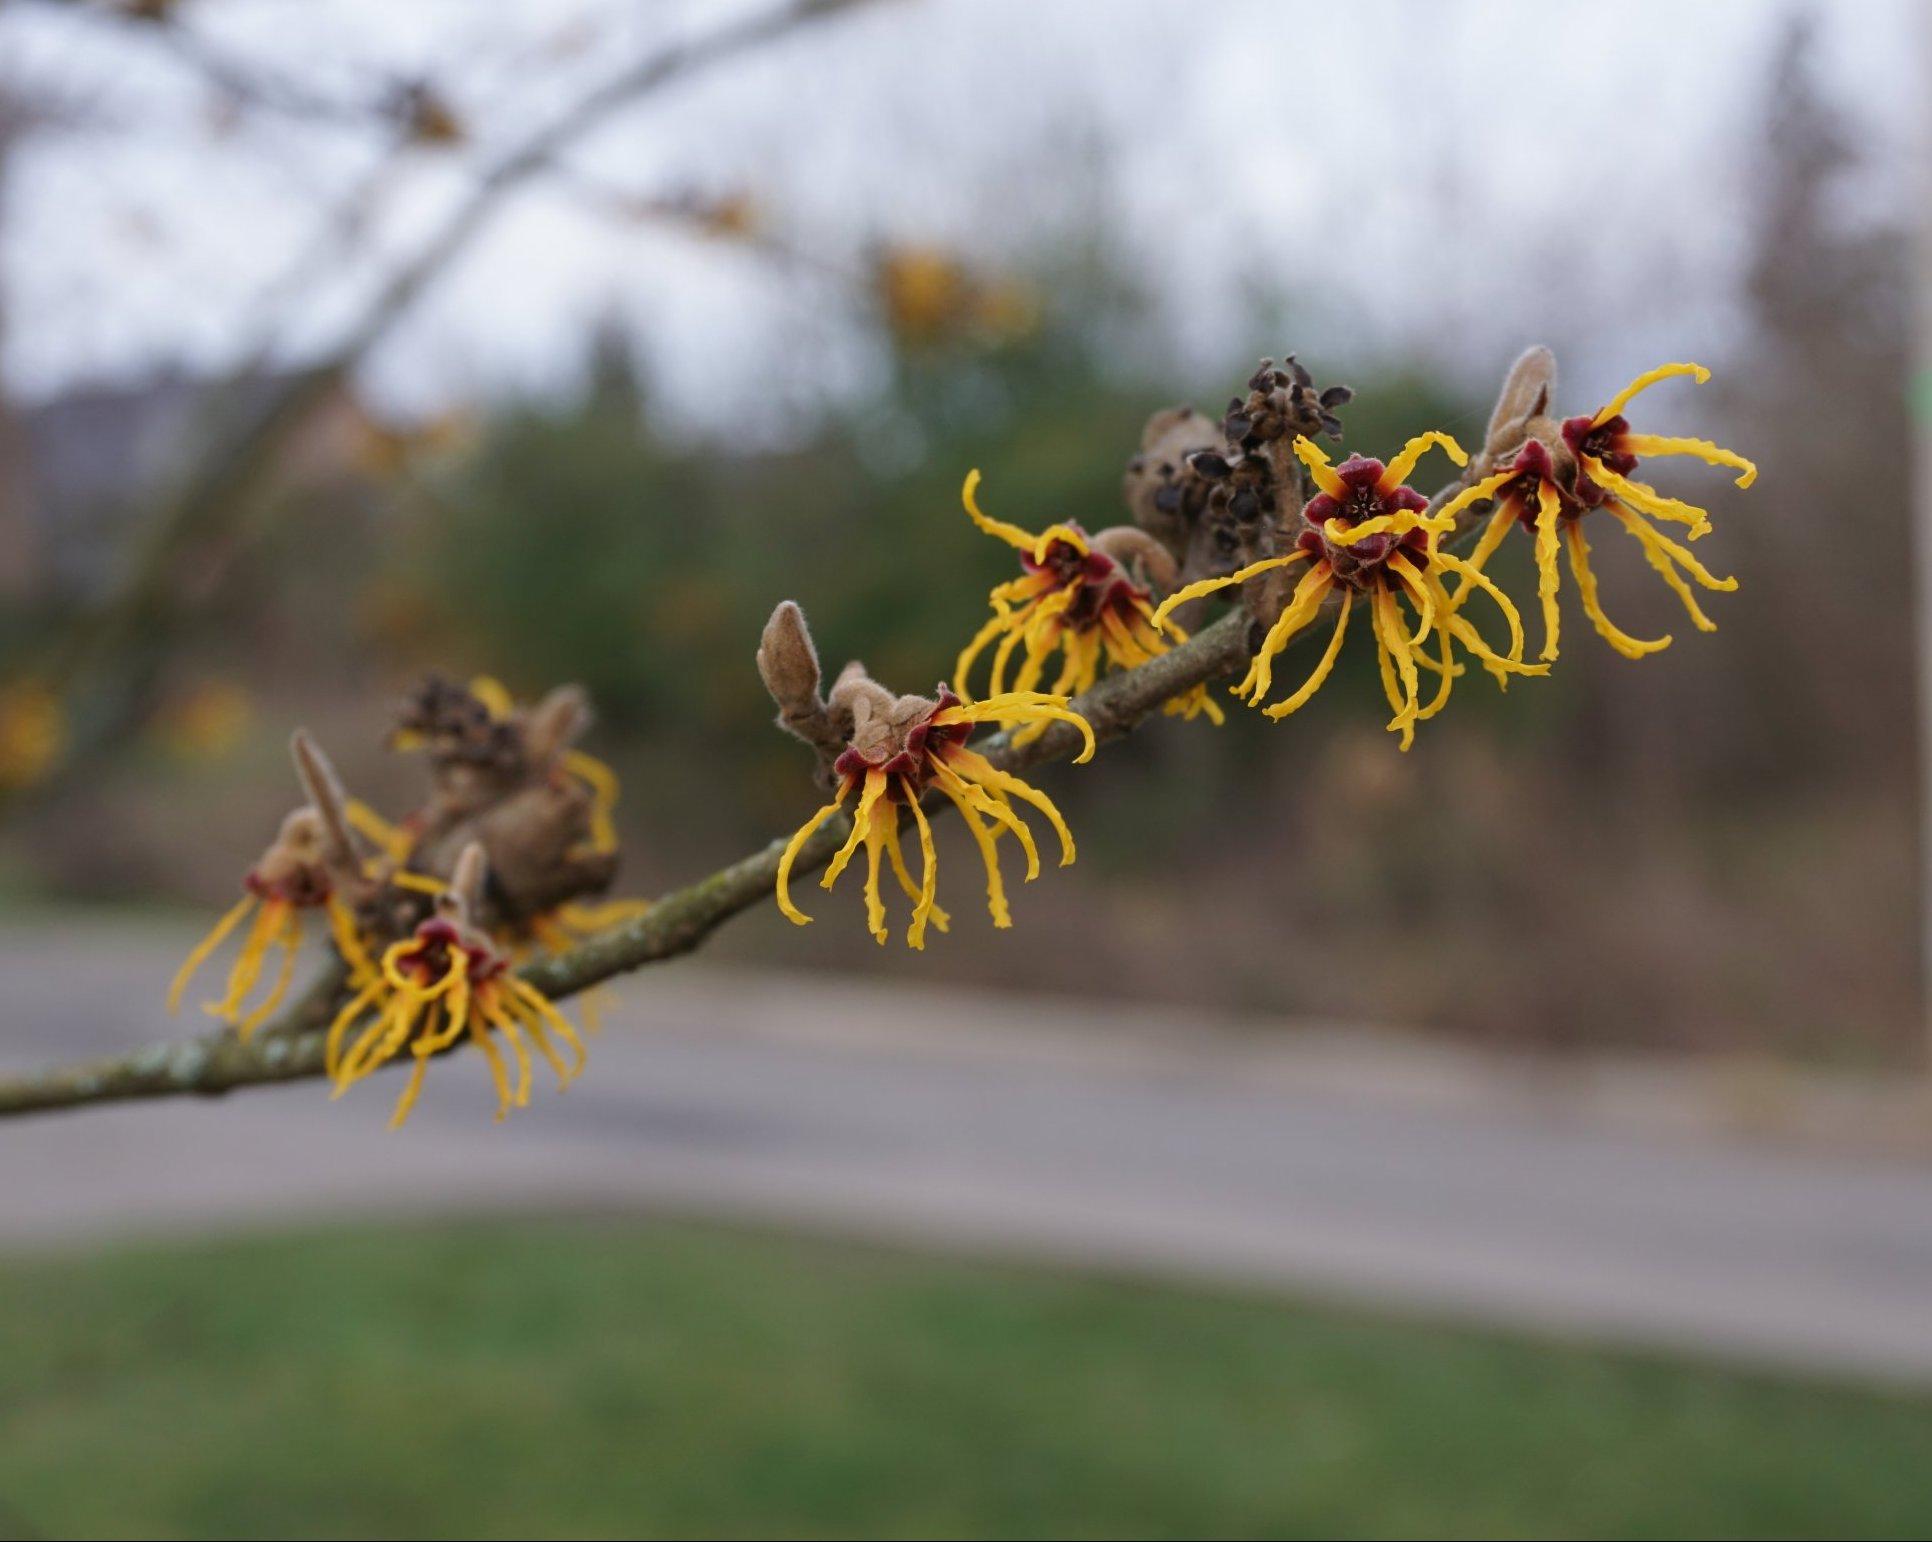 Das Bild zeigt die Blüten einer Japanischen Zaubernuss in der Nahansicht. Die Blüten sind mit langen, kräftig gelb gefärbten Kronblättern versehen, die im Unterschied zur Chinesischen Zaubernuss wellige Ränder aufweisen.